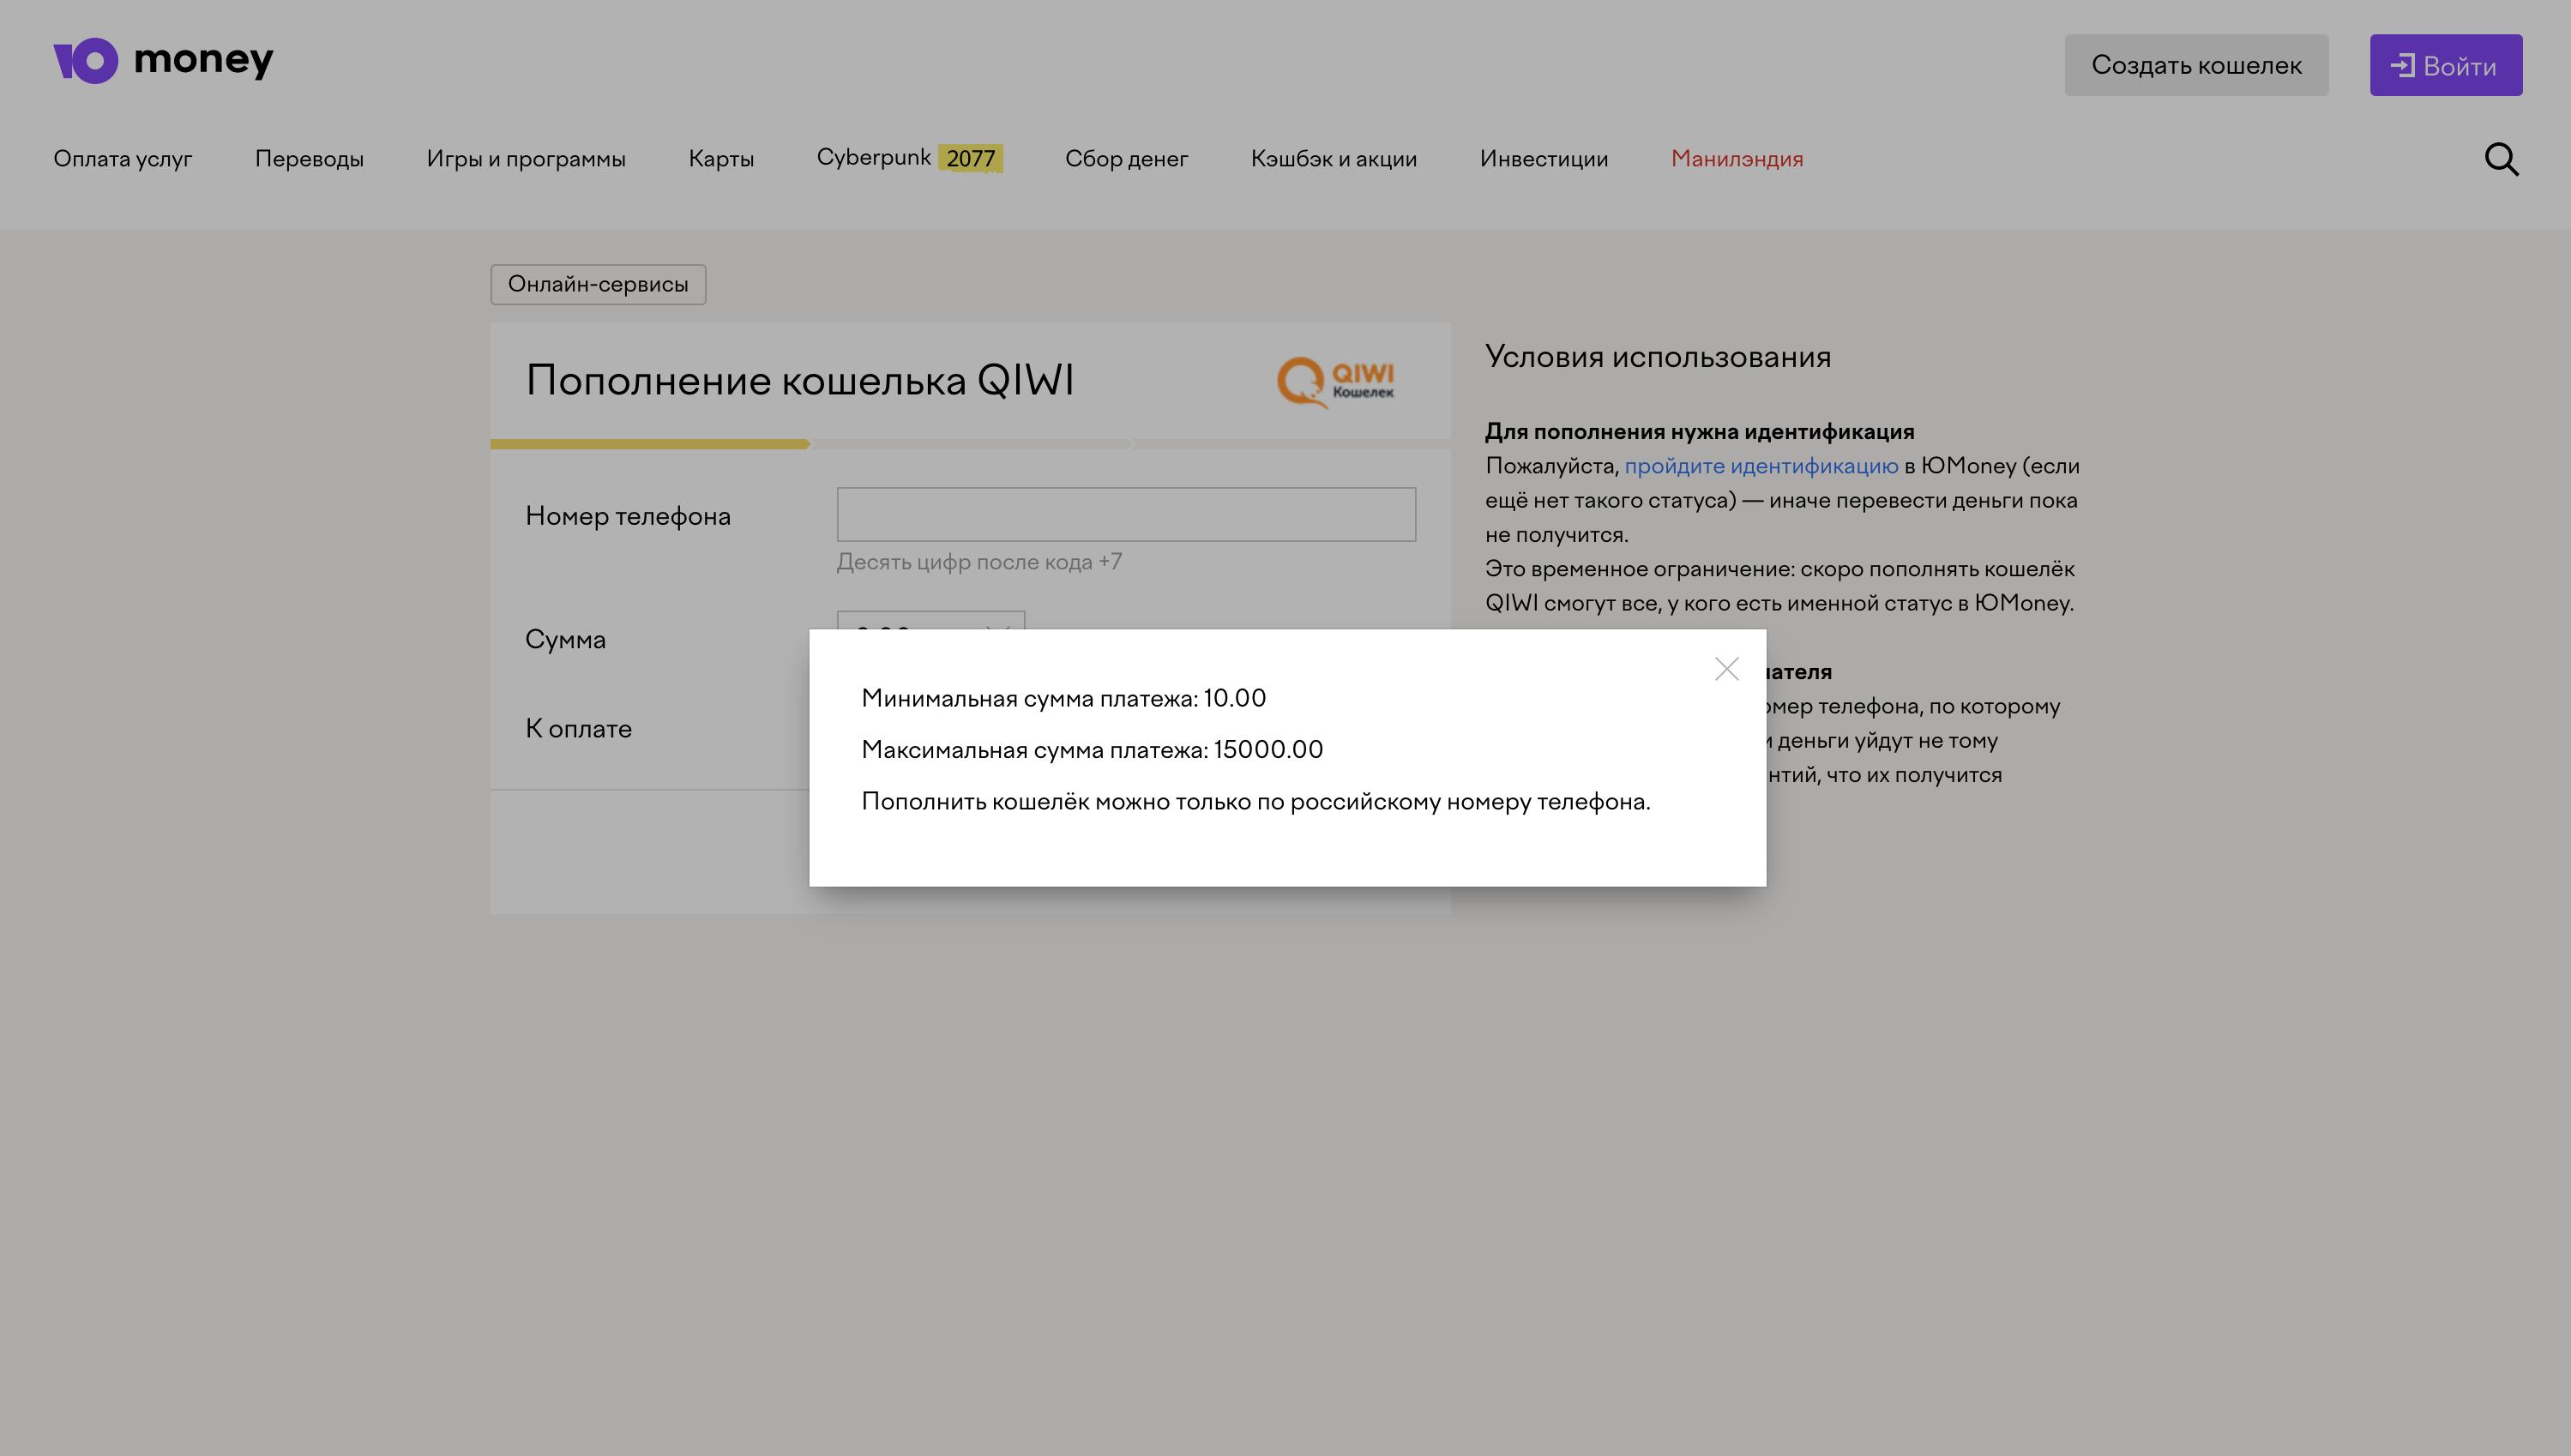 перевести с QIWI на ЮMoney  минимальный и максимальный размер